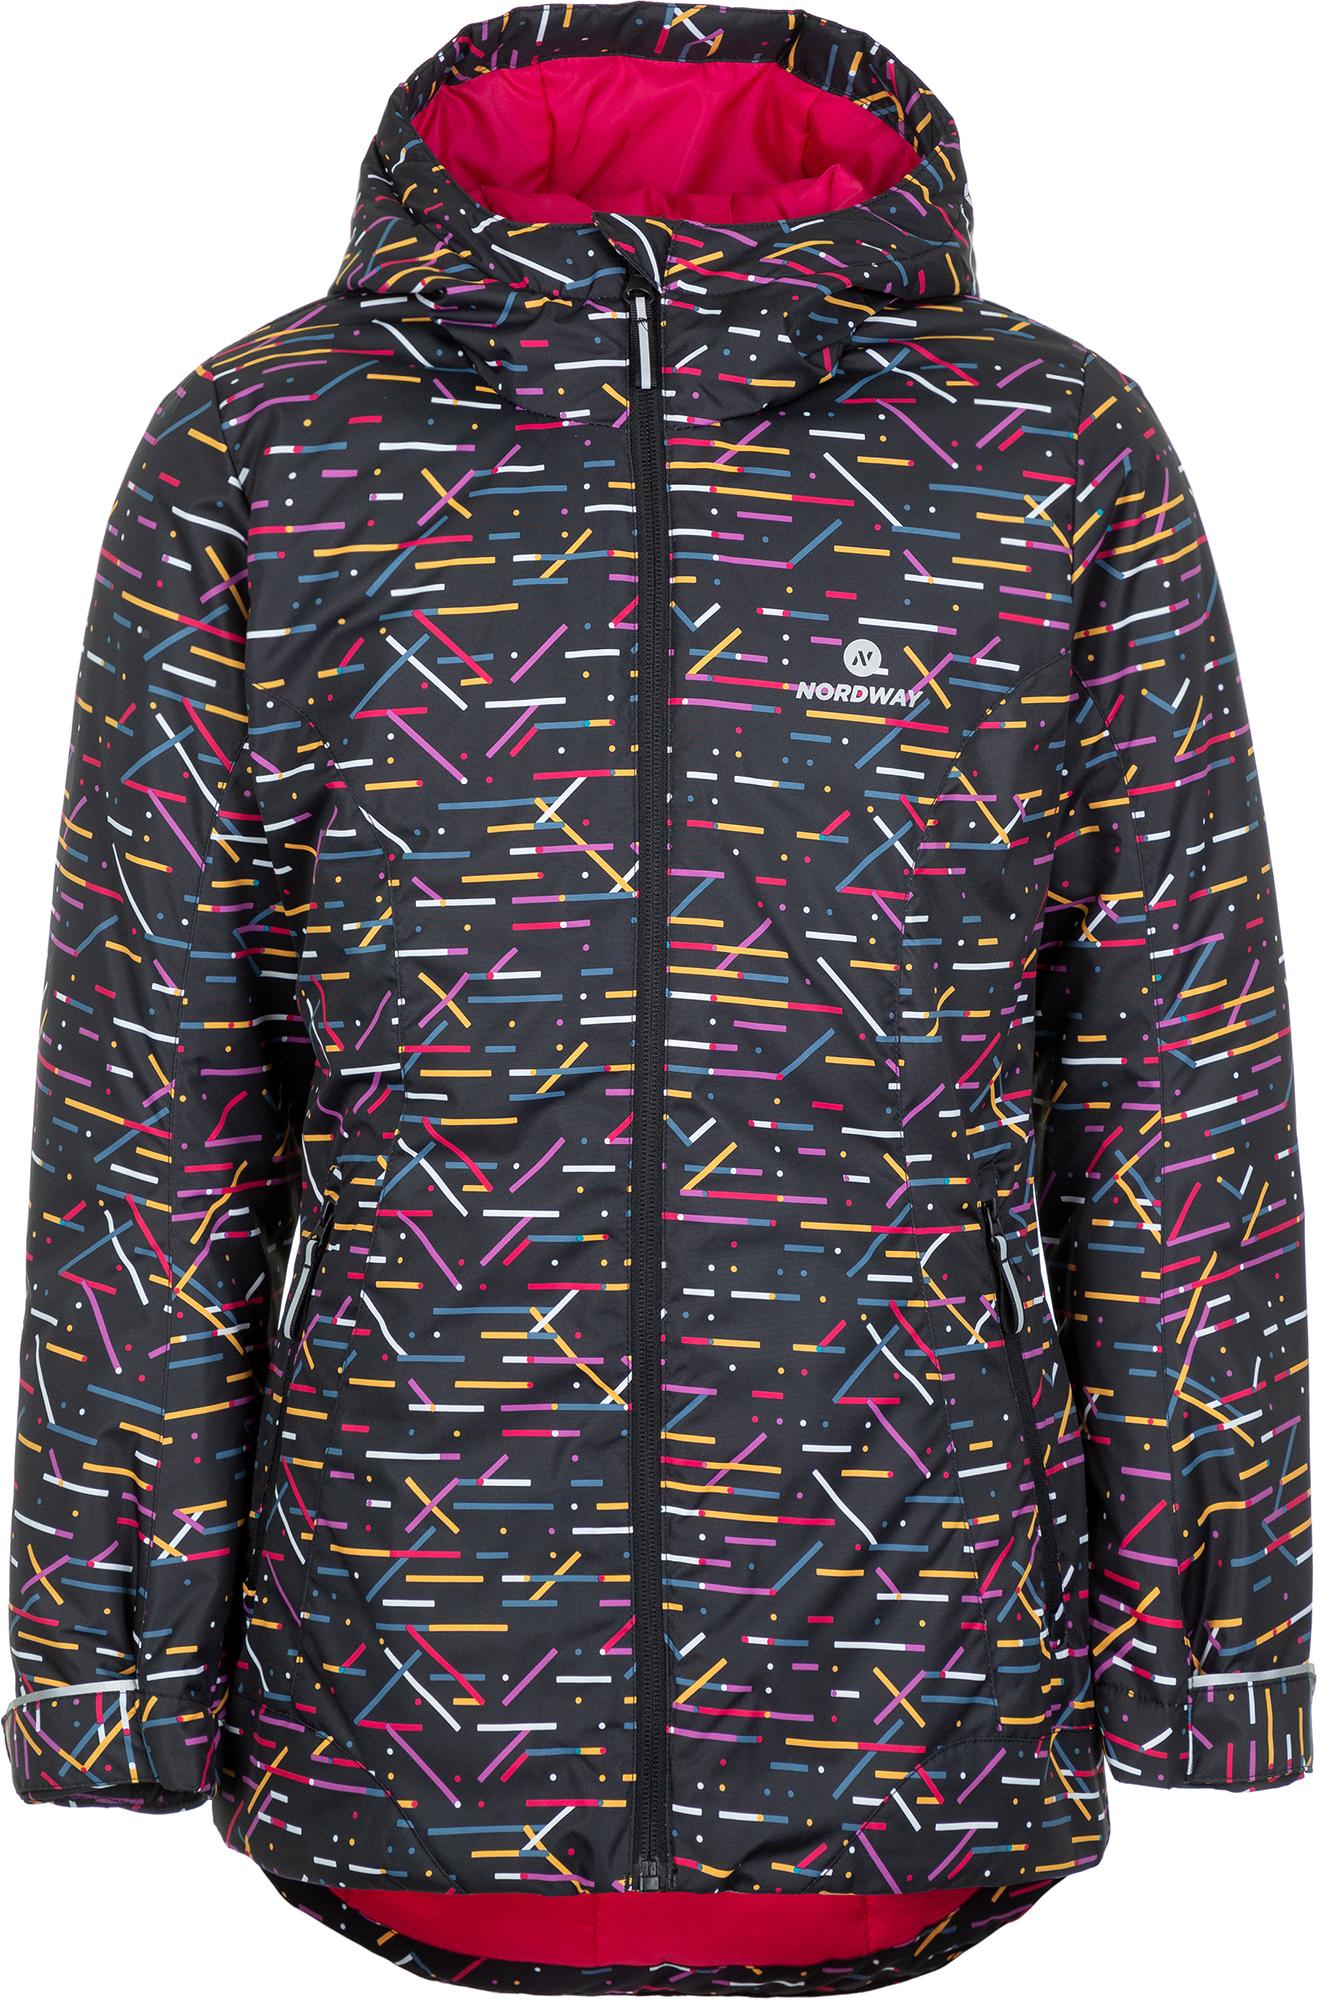 nordway клюшка хоккейная детская nordway Nordway Куртка для девочек Nordway, размер 134